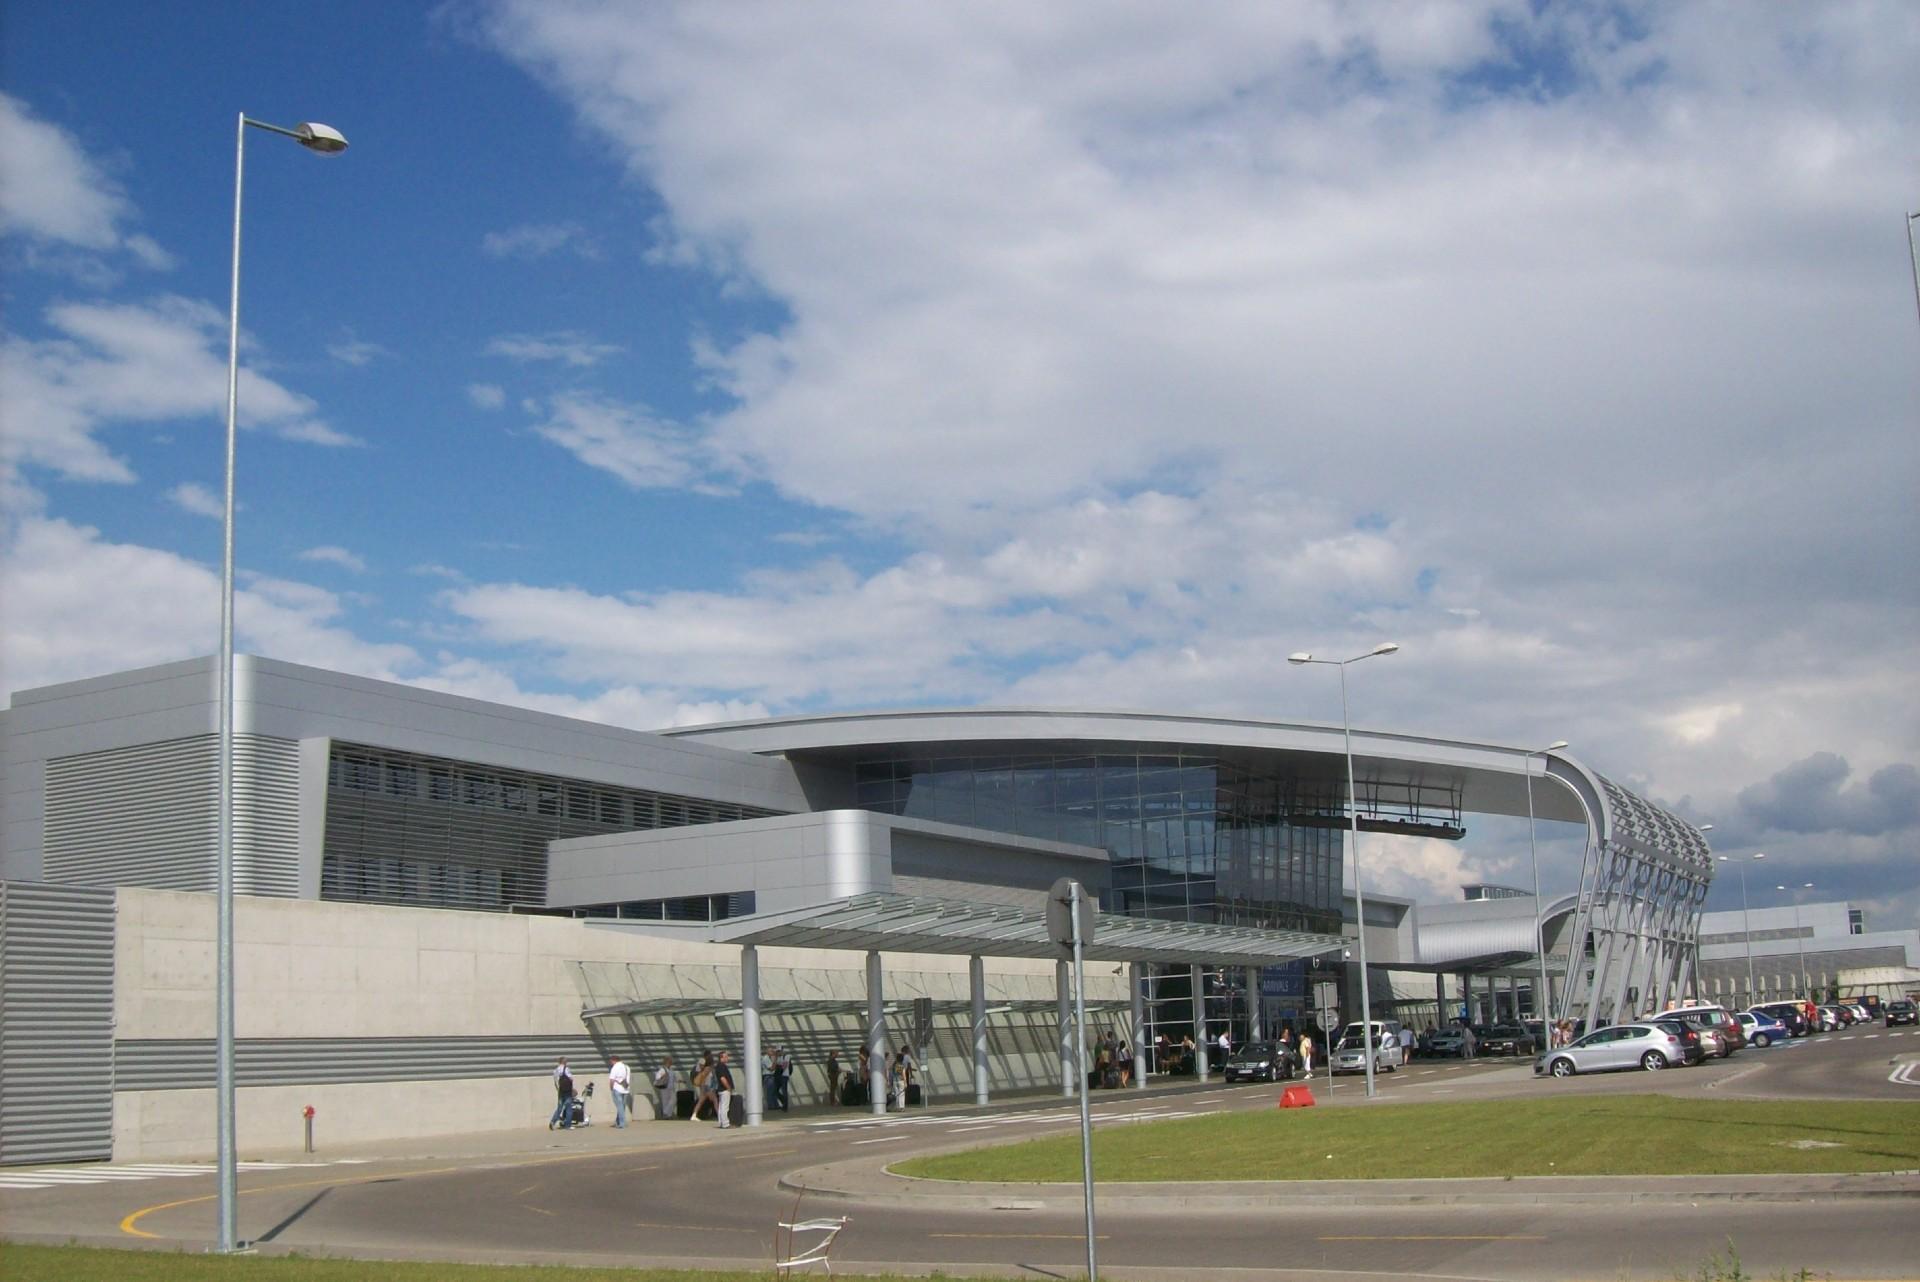 Kastet w bagażu podróżnego na lotnisku w Poznaniu